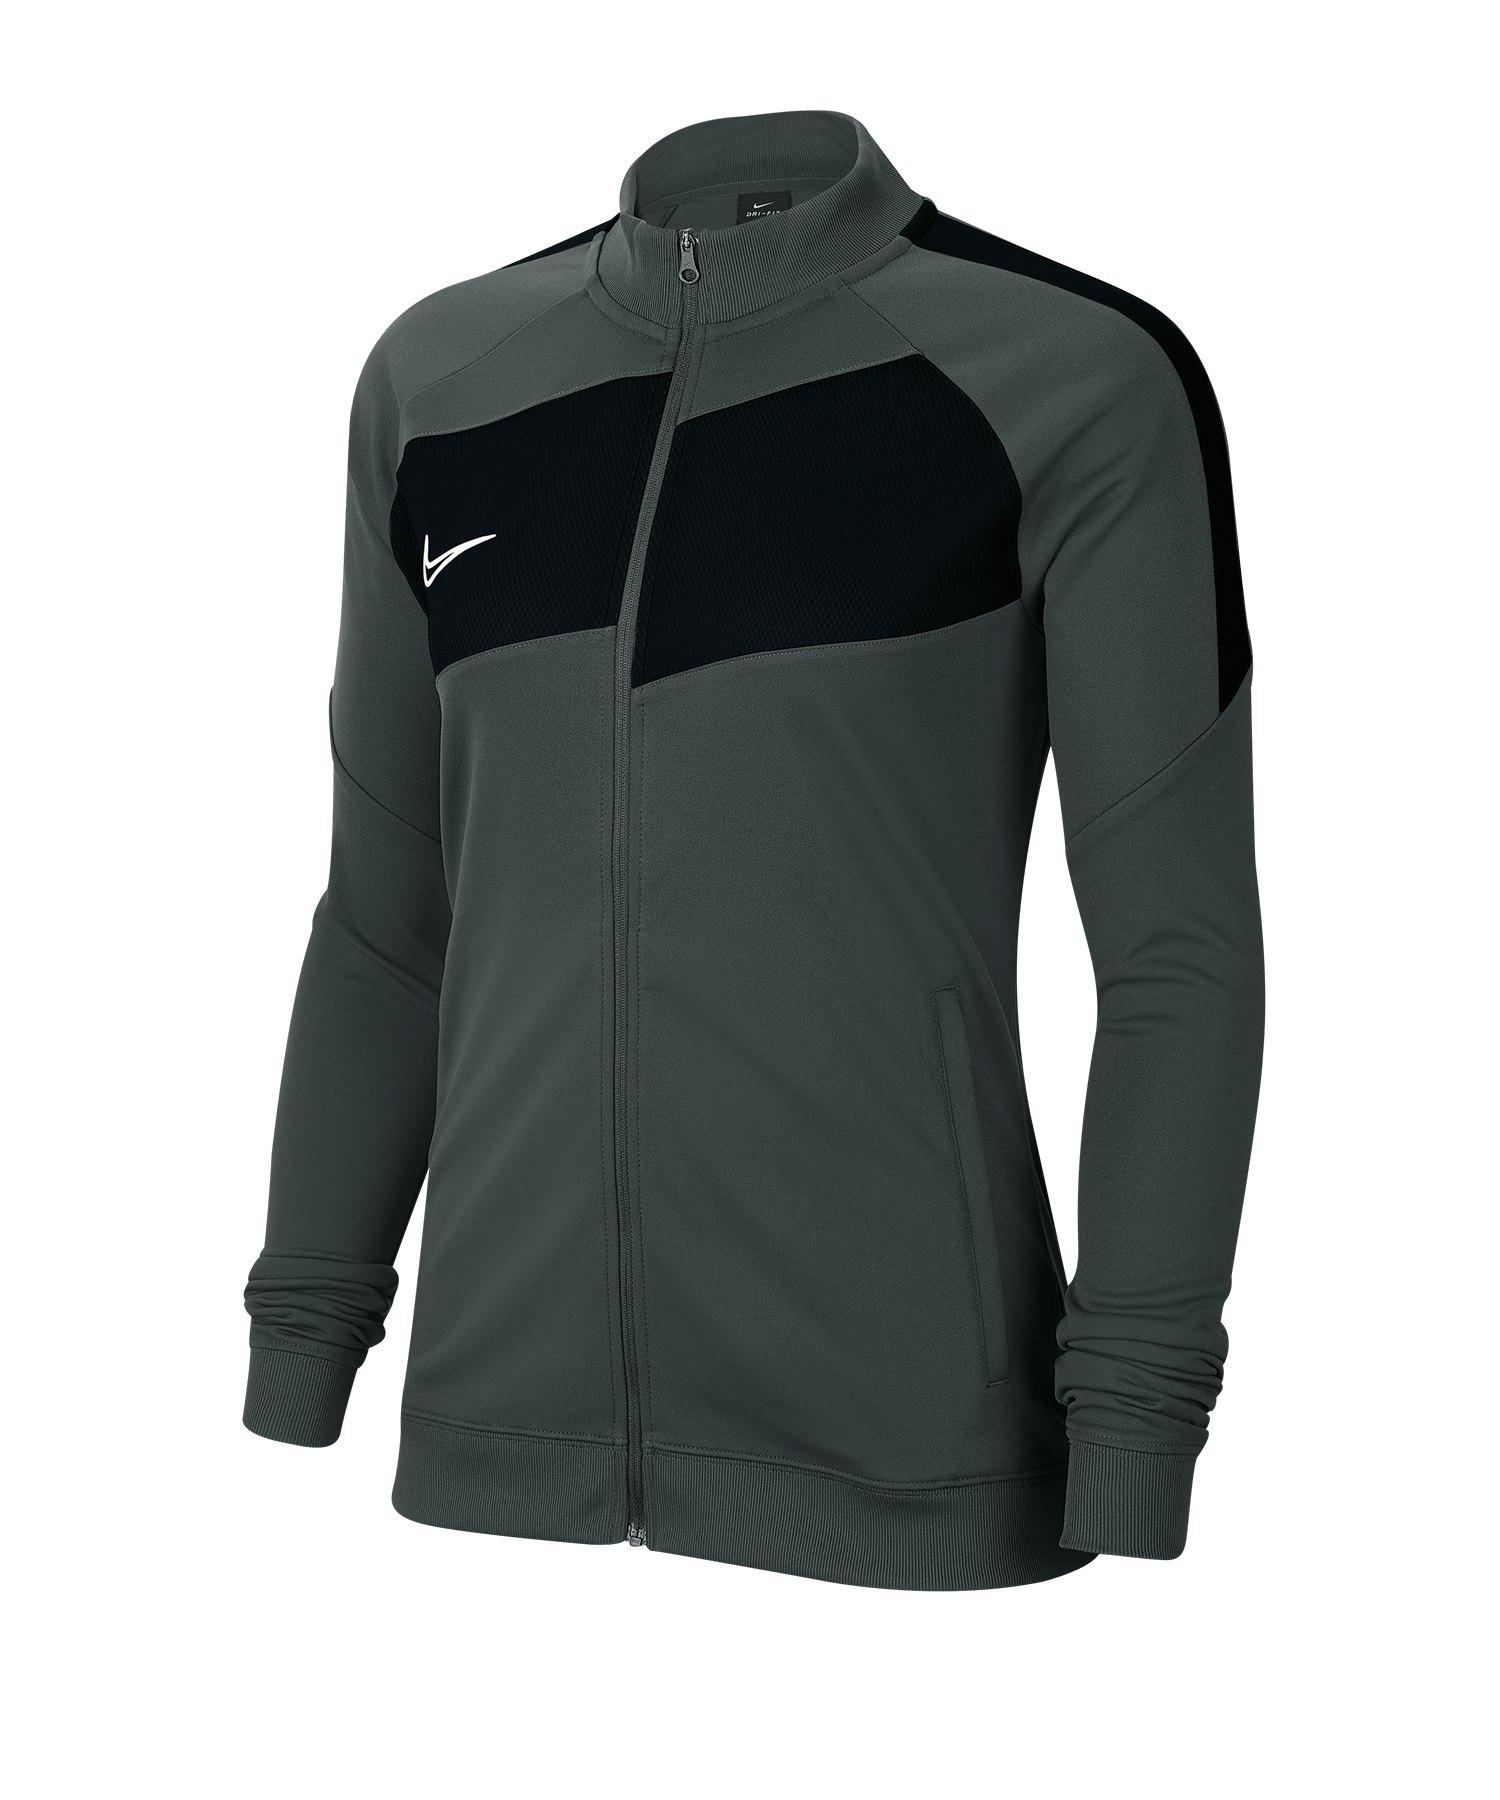 Nike Academy Pro Jacke Damen Grau Schwarz F010 - schwarz